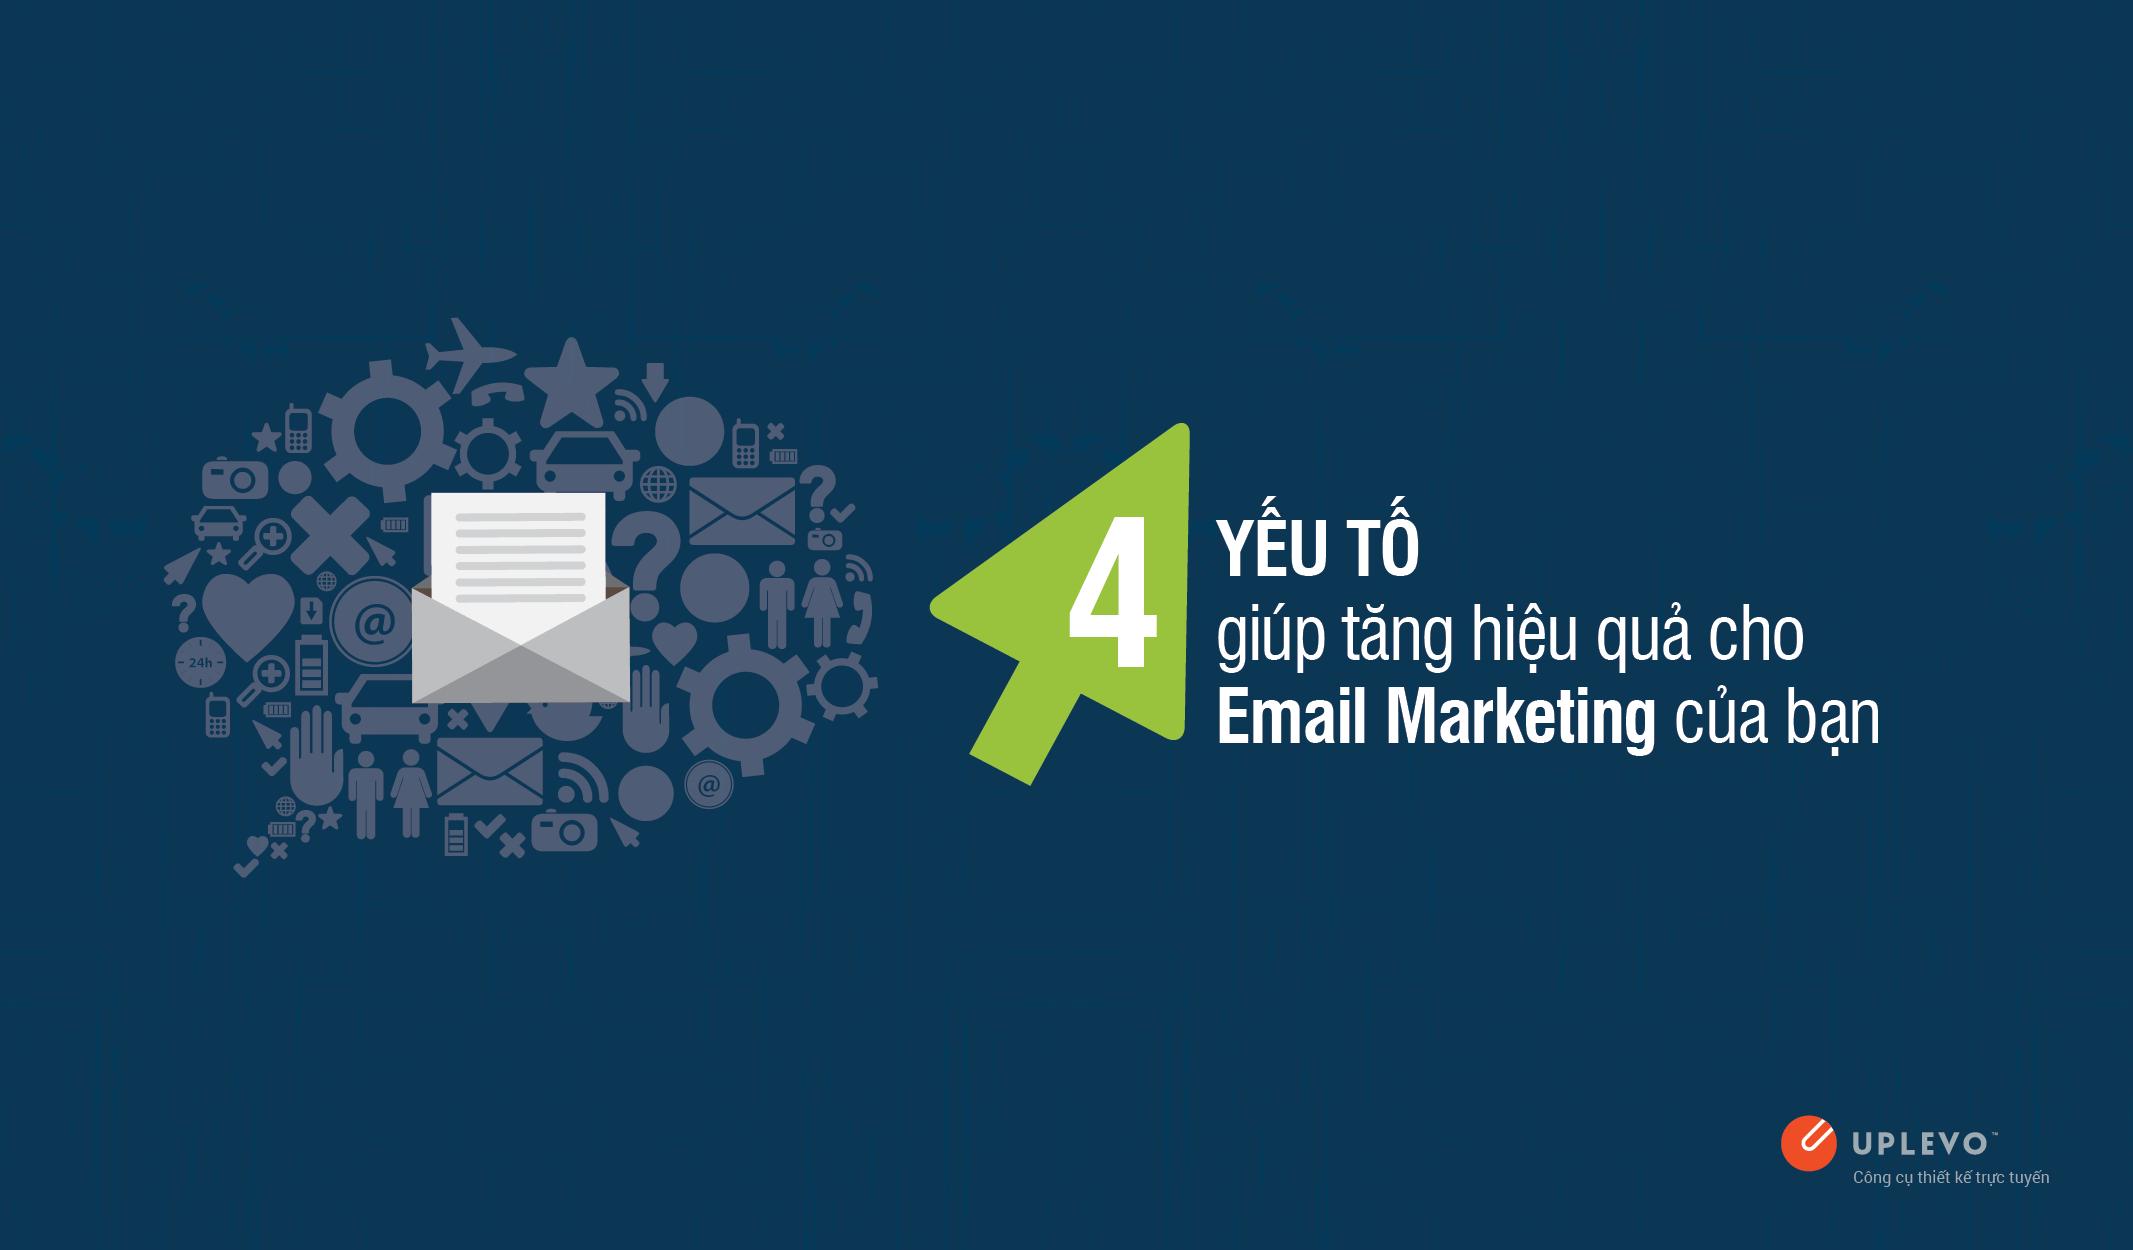 4 yếu tố giúp tăng hiệu quả email marketing